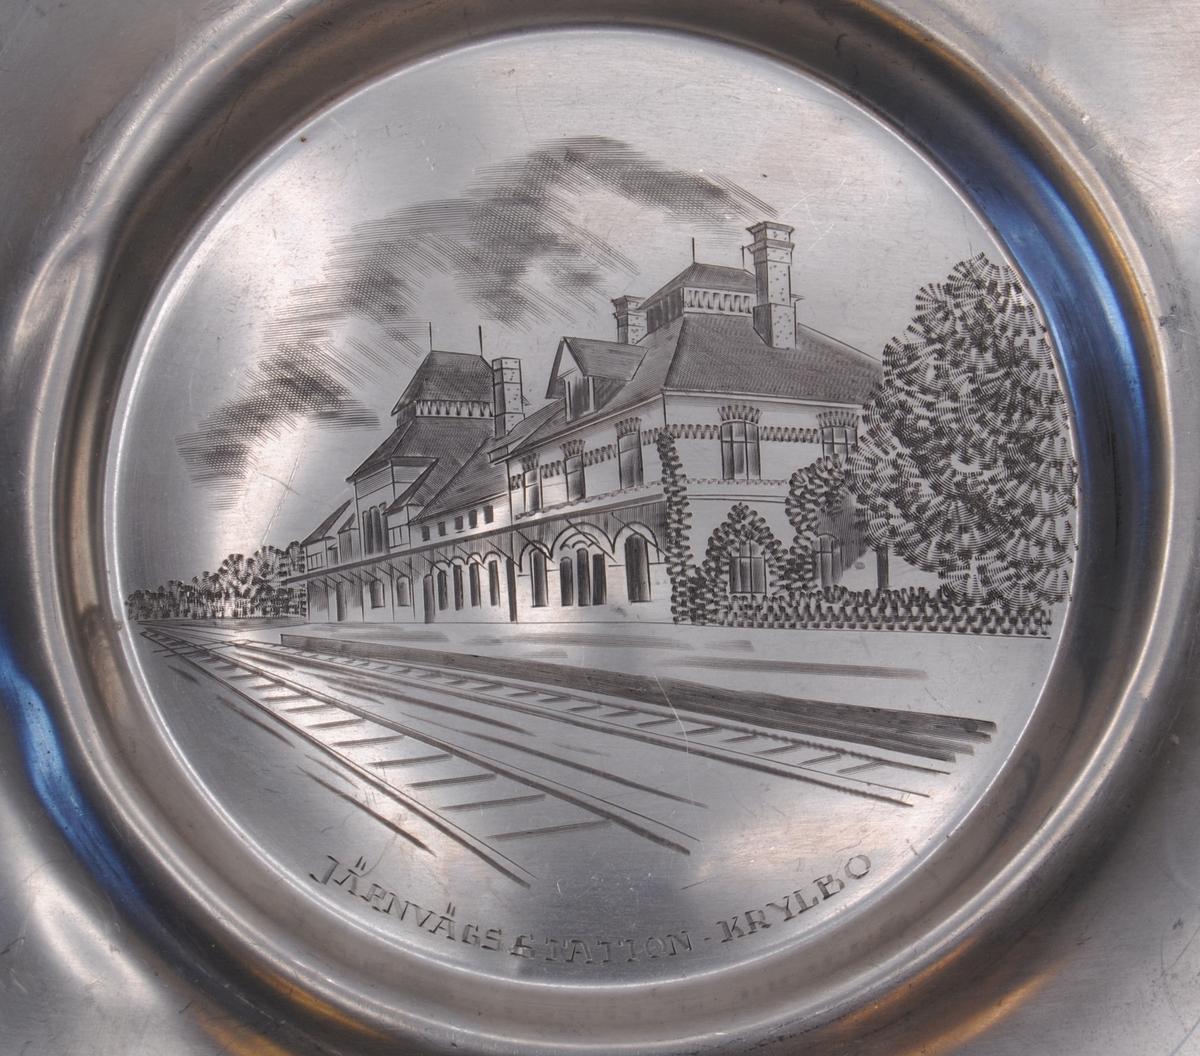 Fat med graverat motiv av stationshus och en del av spåret, sett från ett anländande eller lämnande perspektiv.